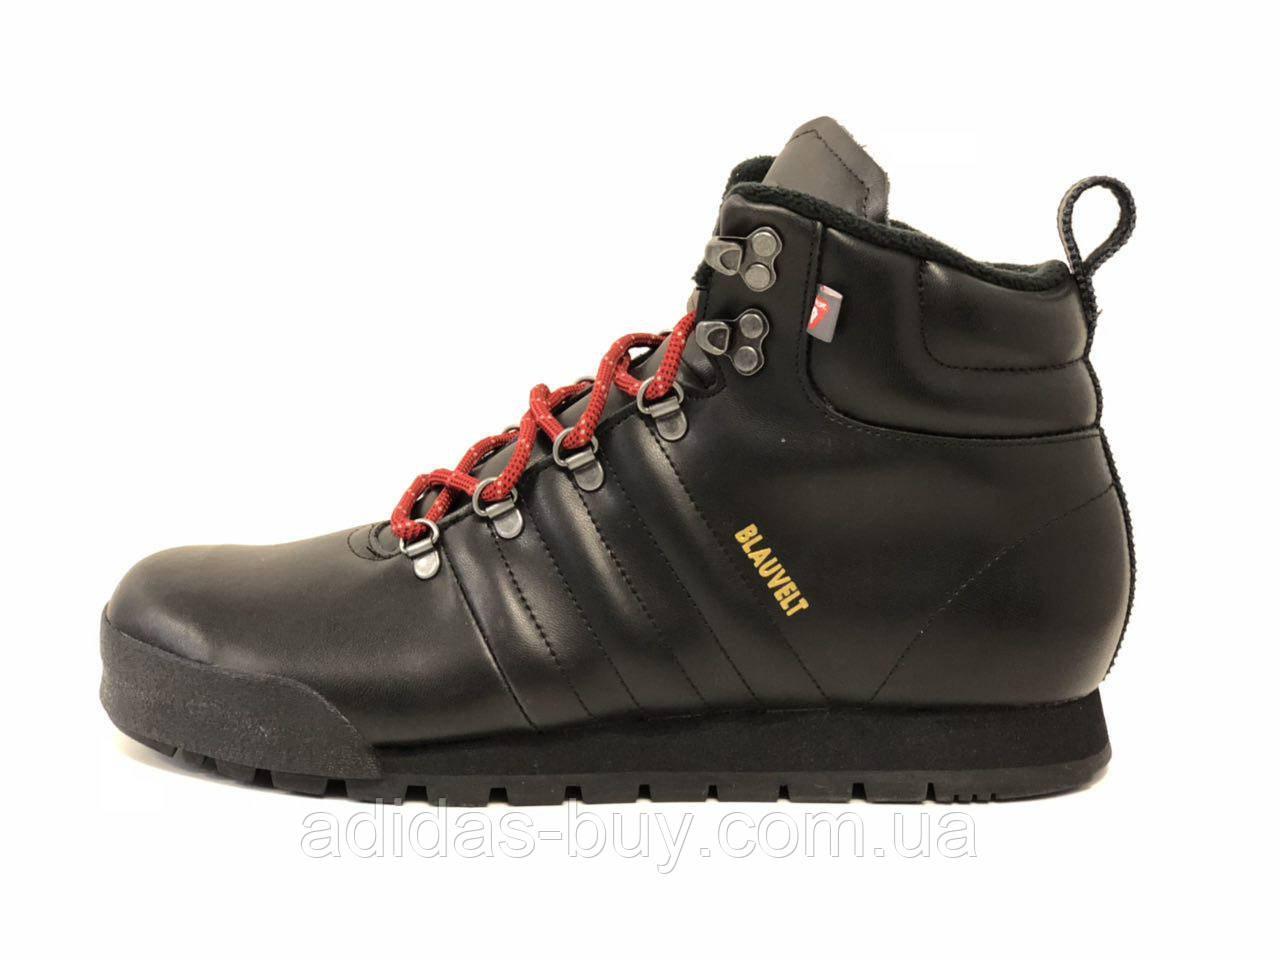 Мужские зимние оригинальные ботинки adidas JAKE BLAUVELT из кожи цвет 109c35491d433